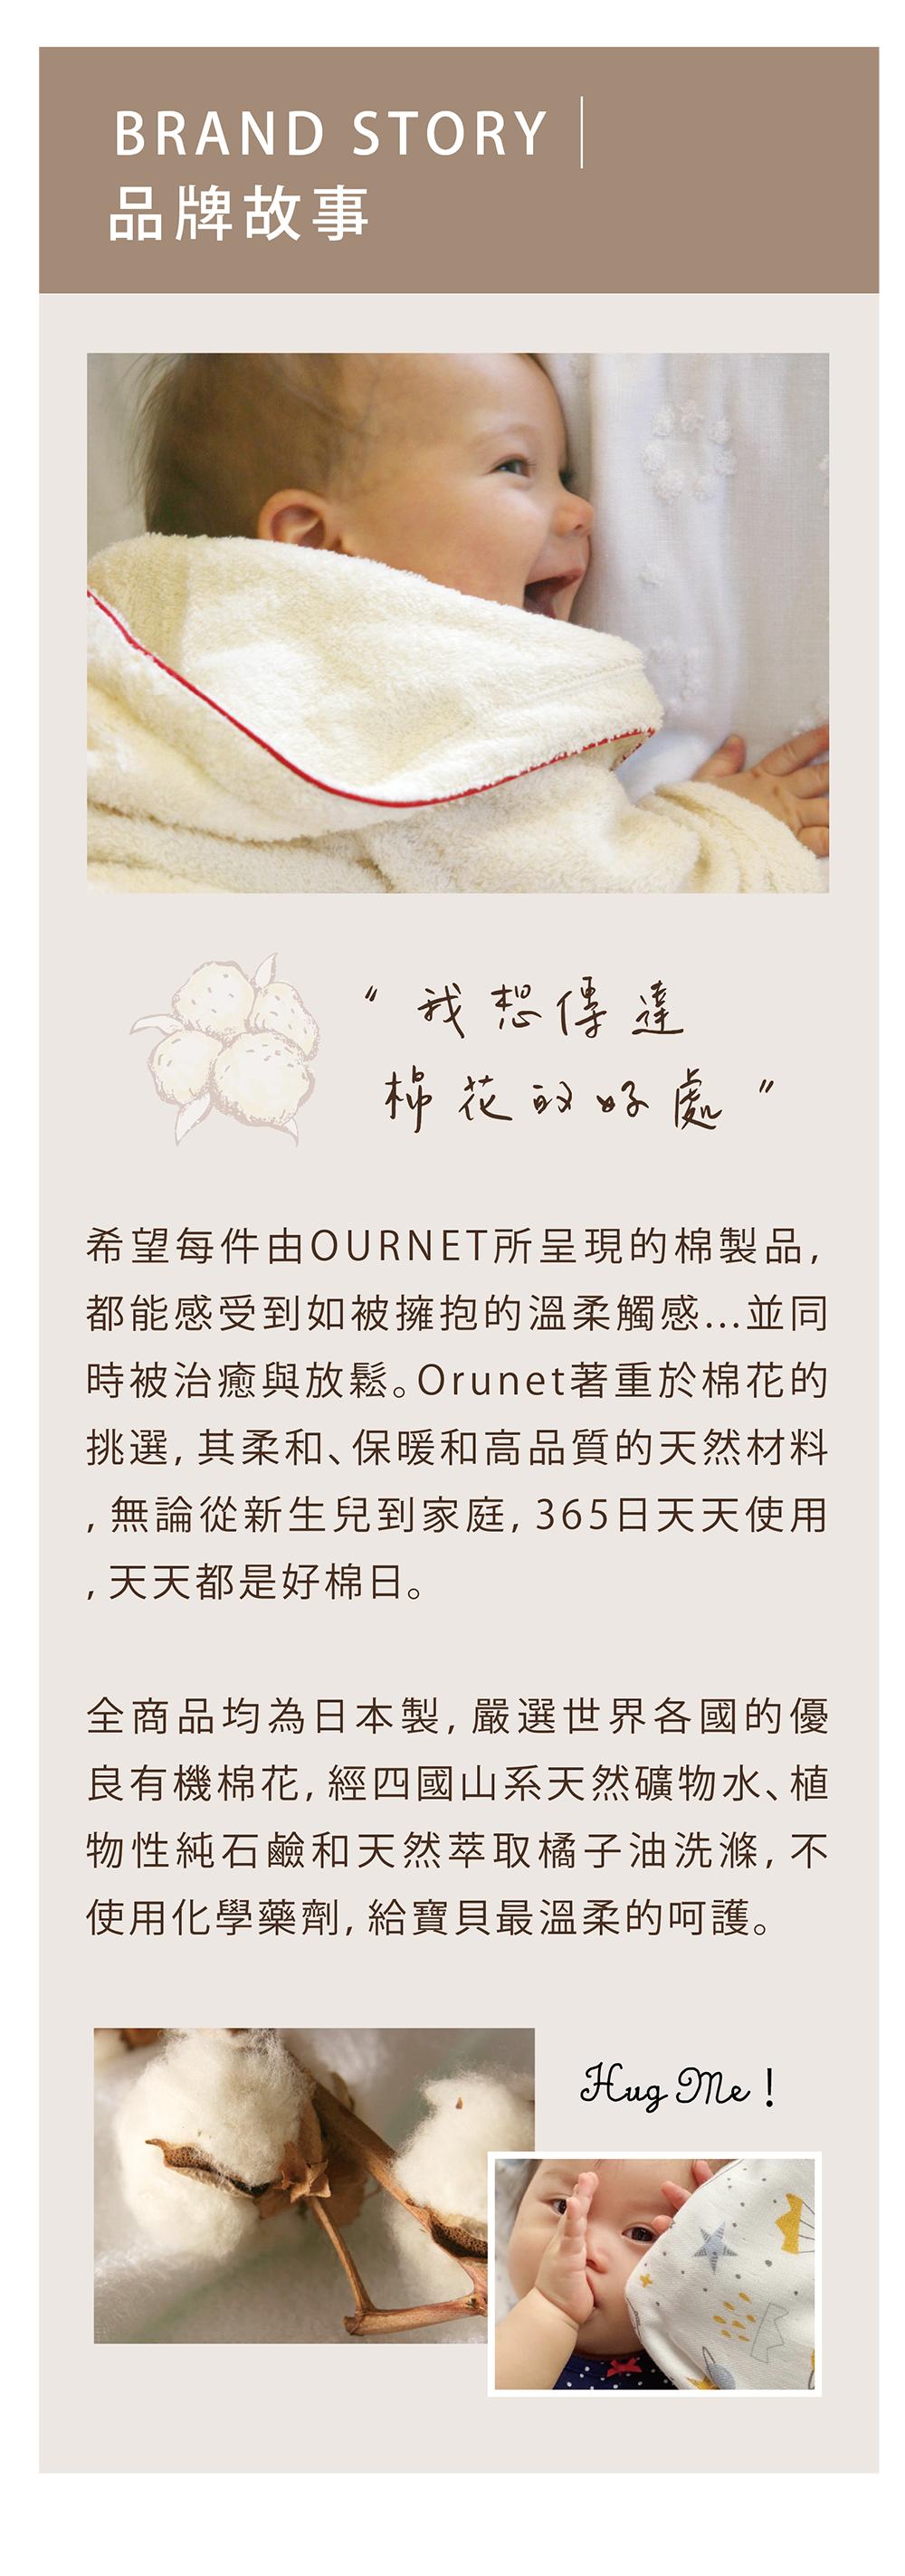 關於Orunet-品牌故事